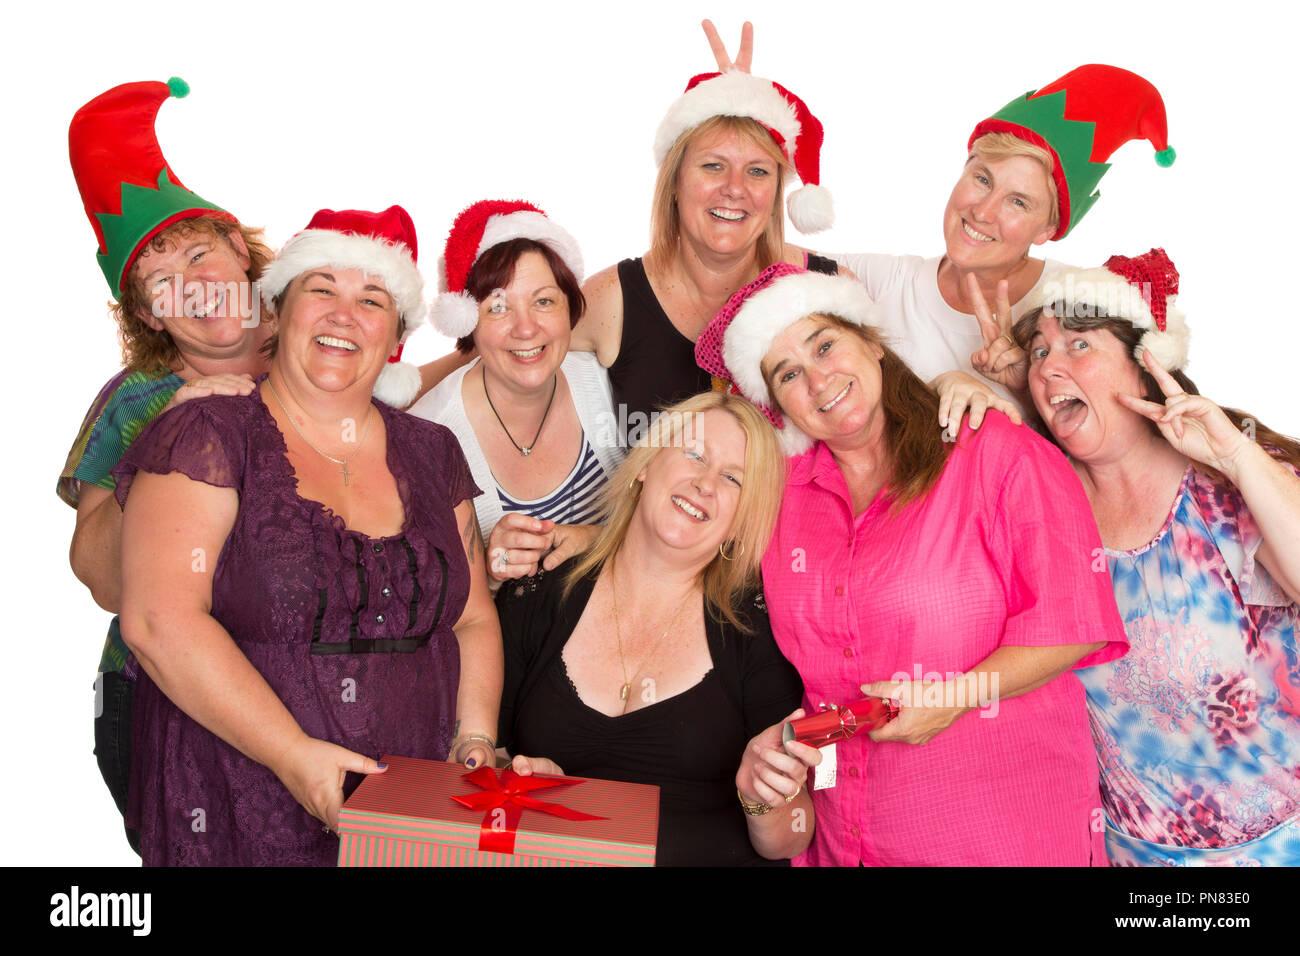 Immagini Natale Donne.Un Folto Gruppo Di Donne Ad Una Festa Di Natale In Posa Per